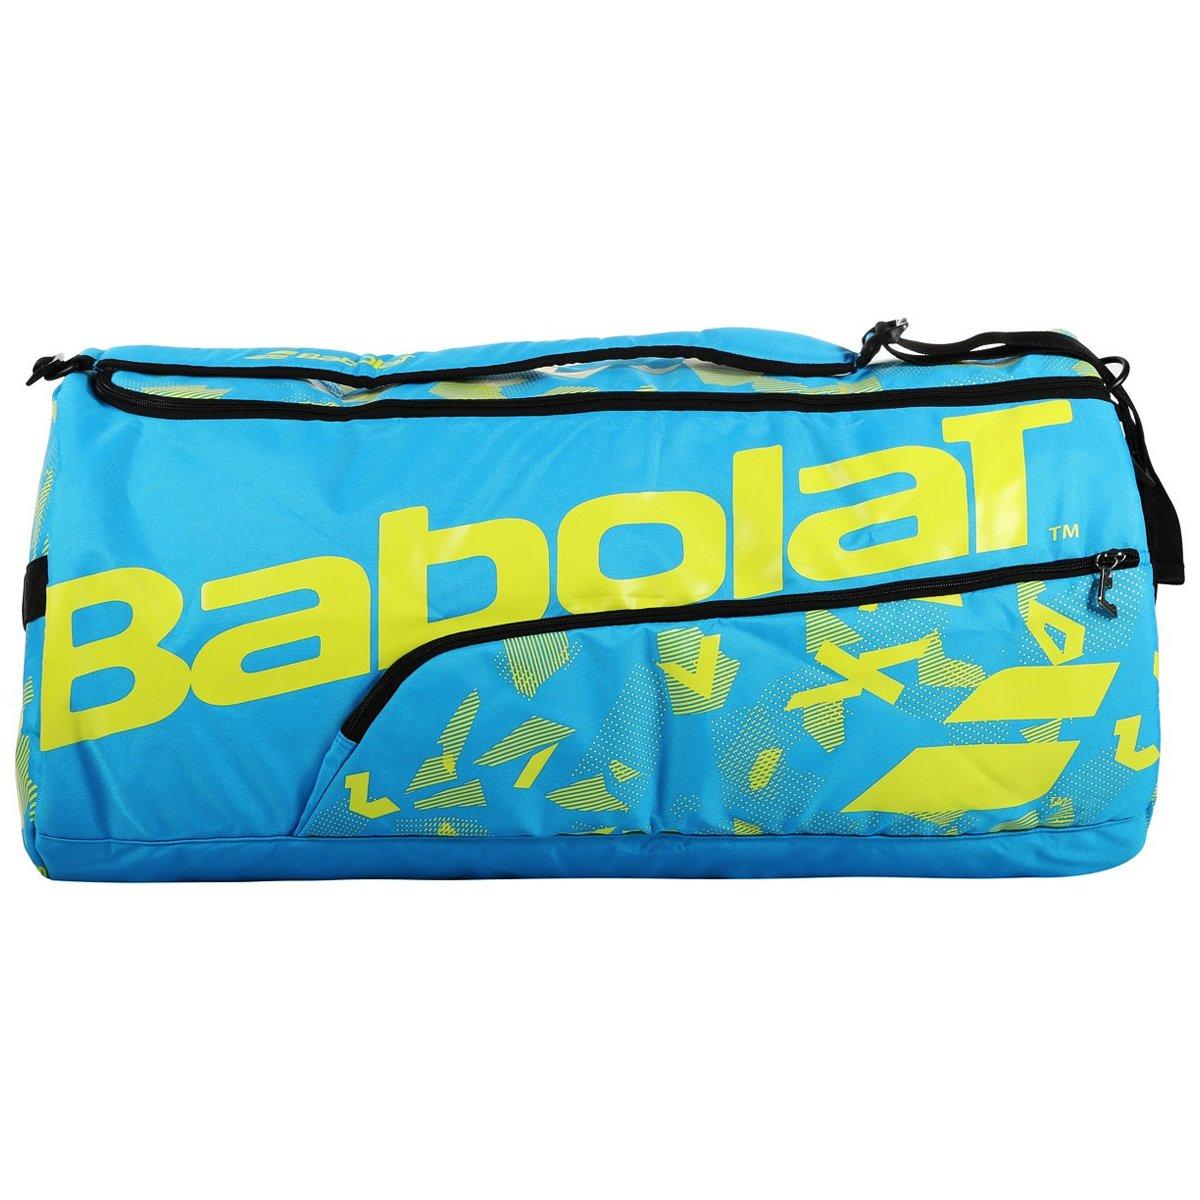 Raqueteira Babolat Duffle XL 12R Azul e Amarelo  - PROTENISTA